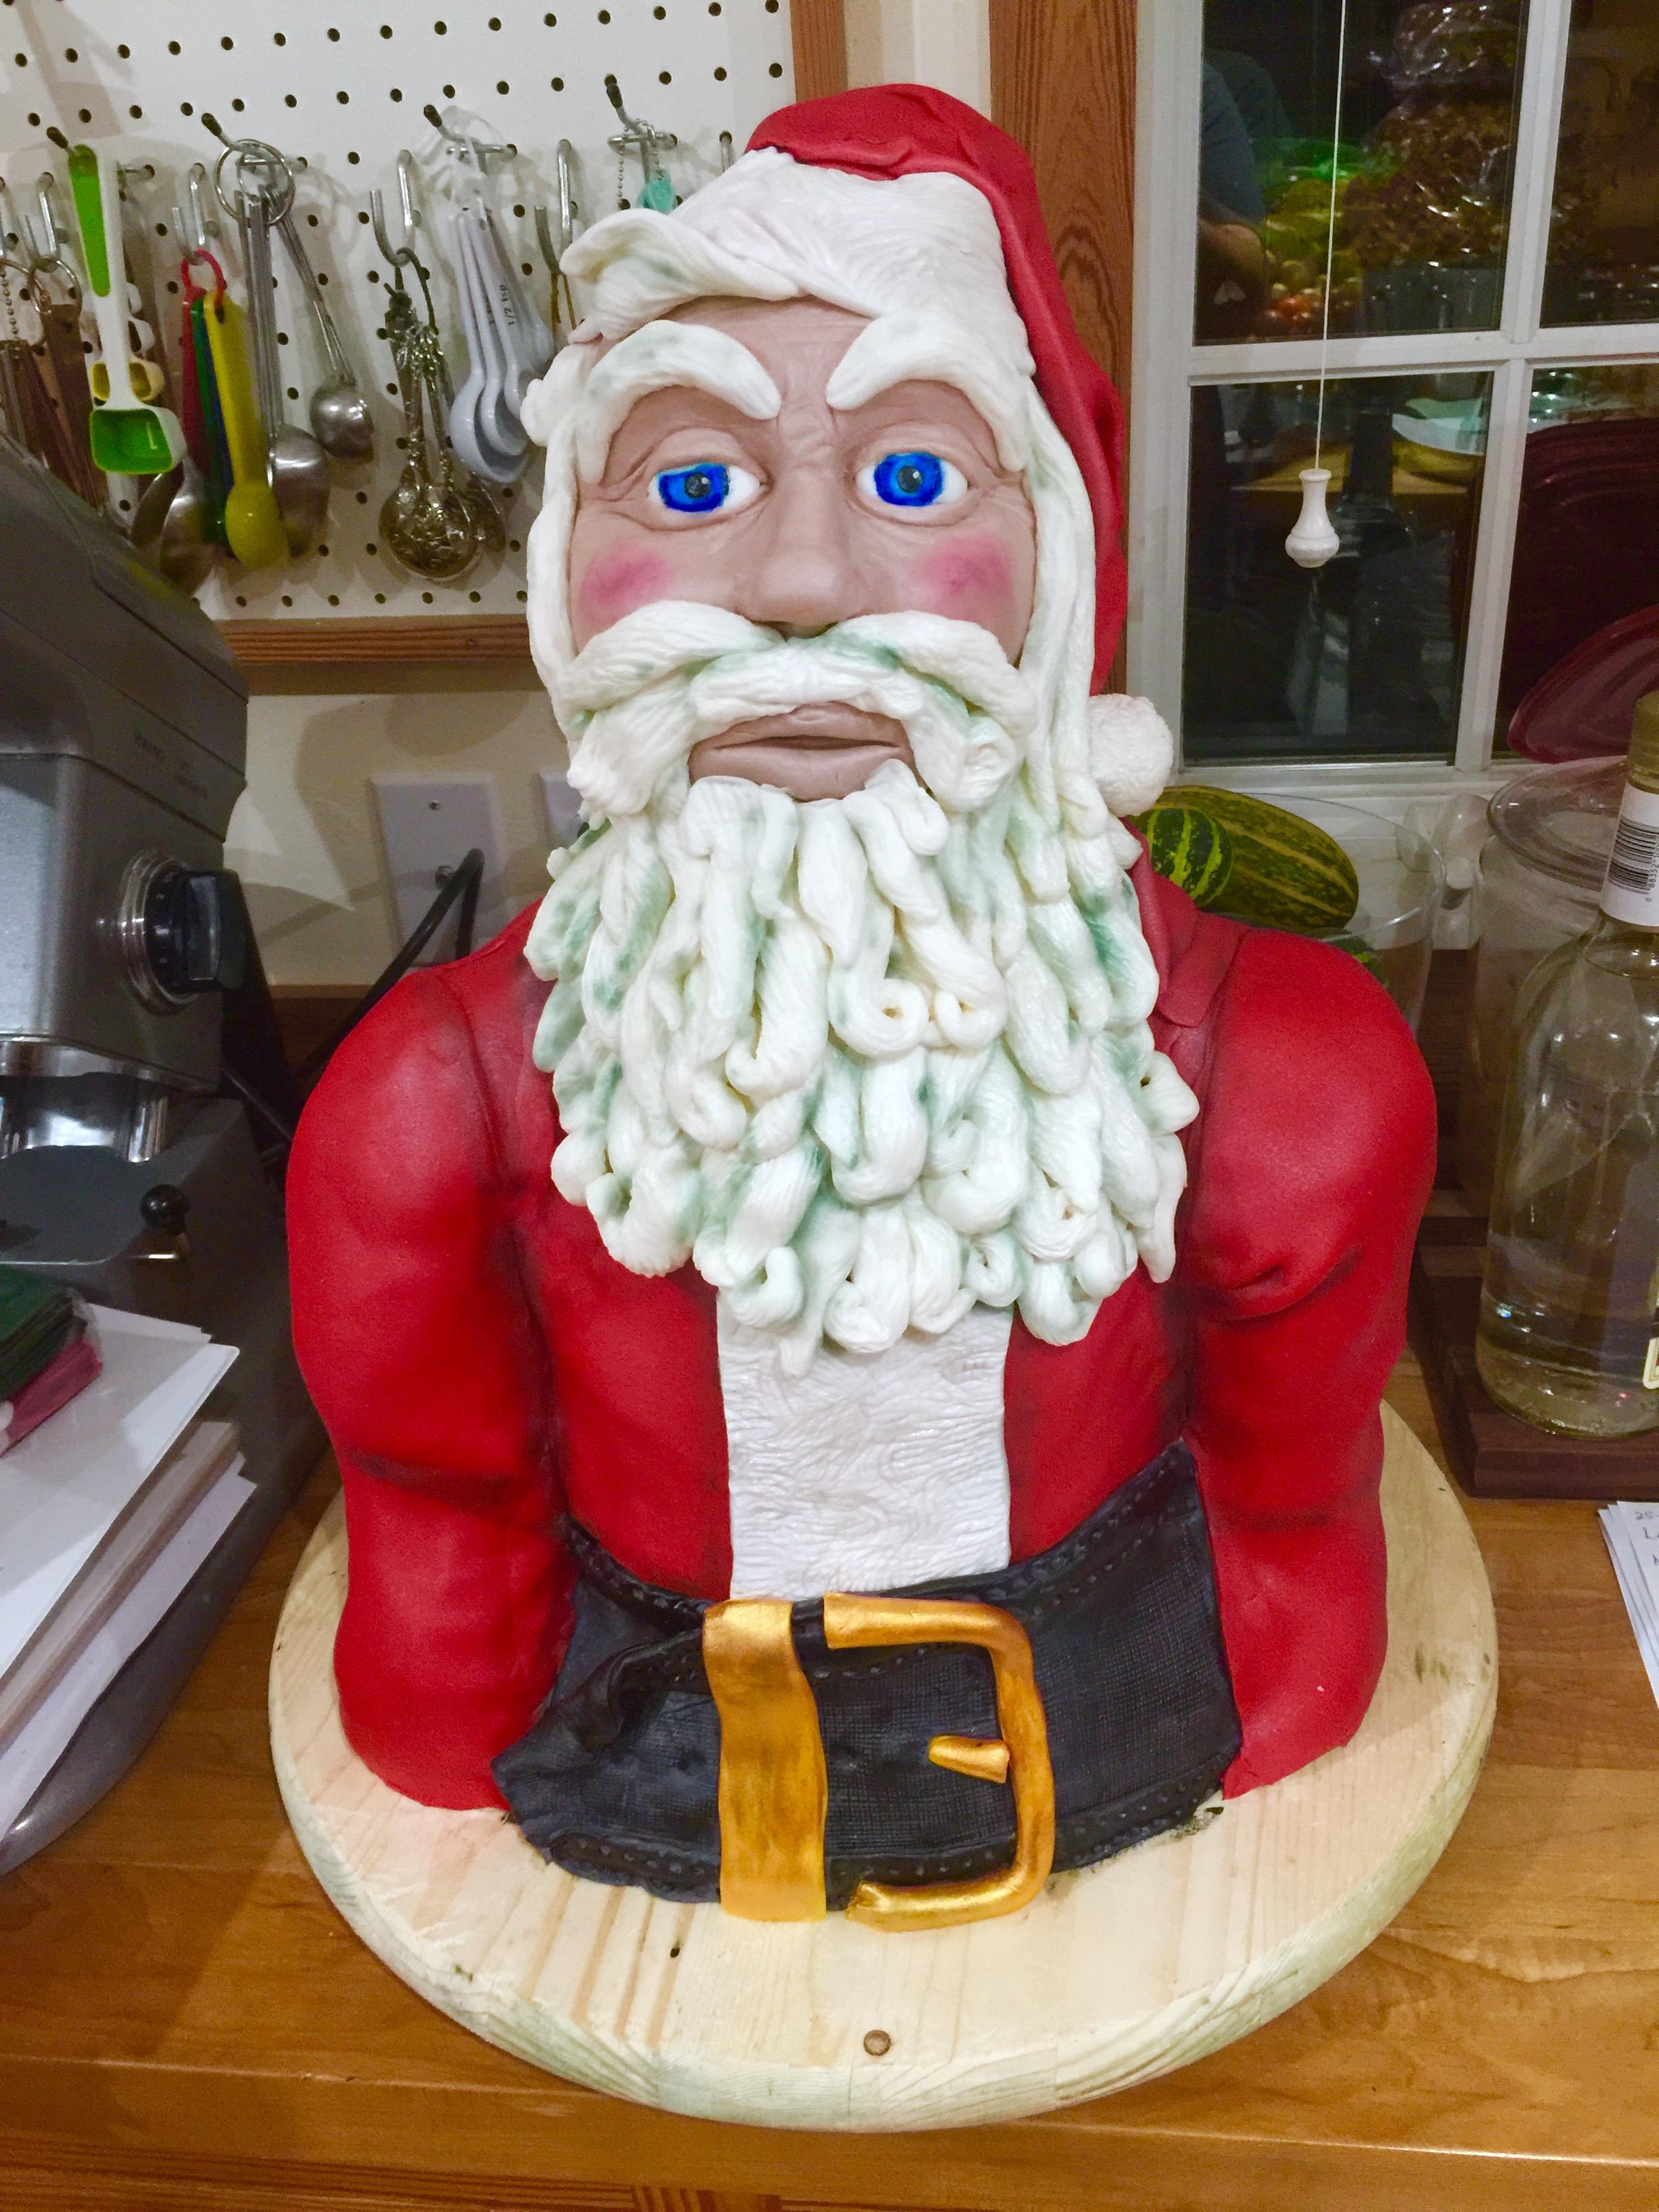 Christmas Santa Claus Cake